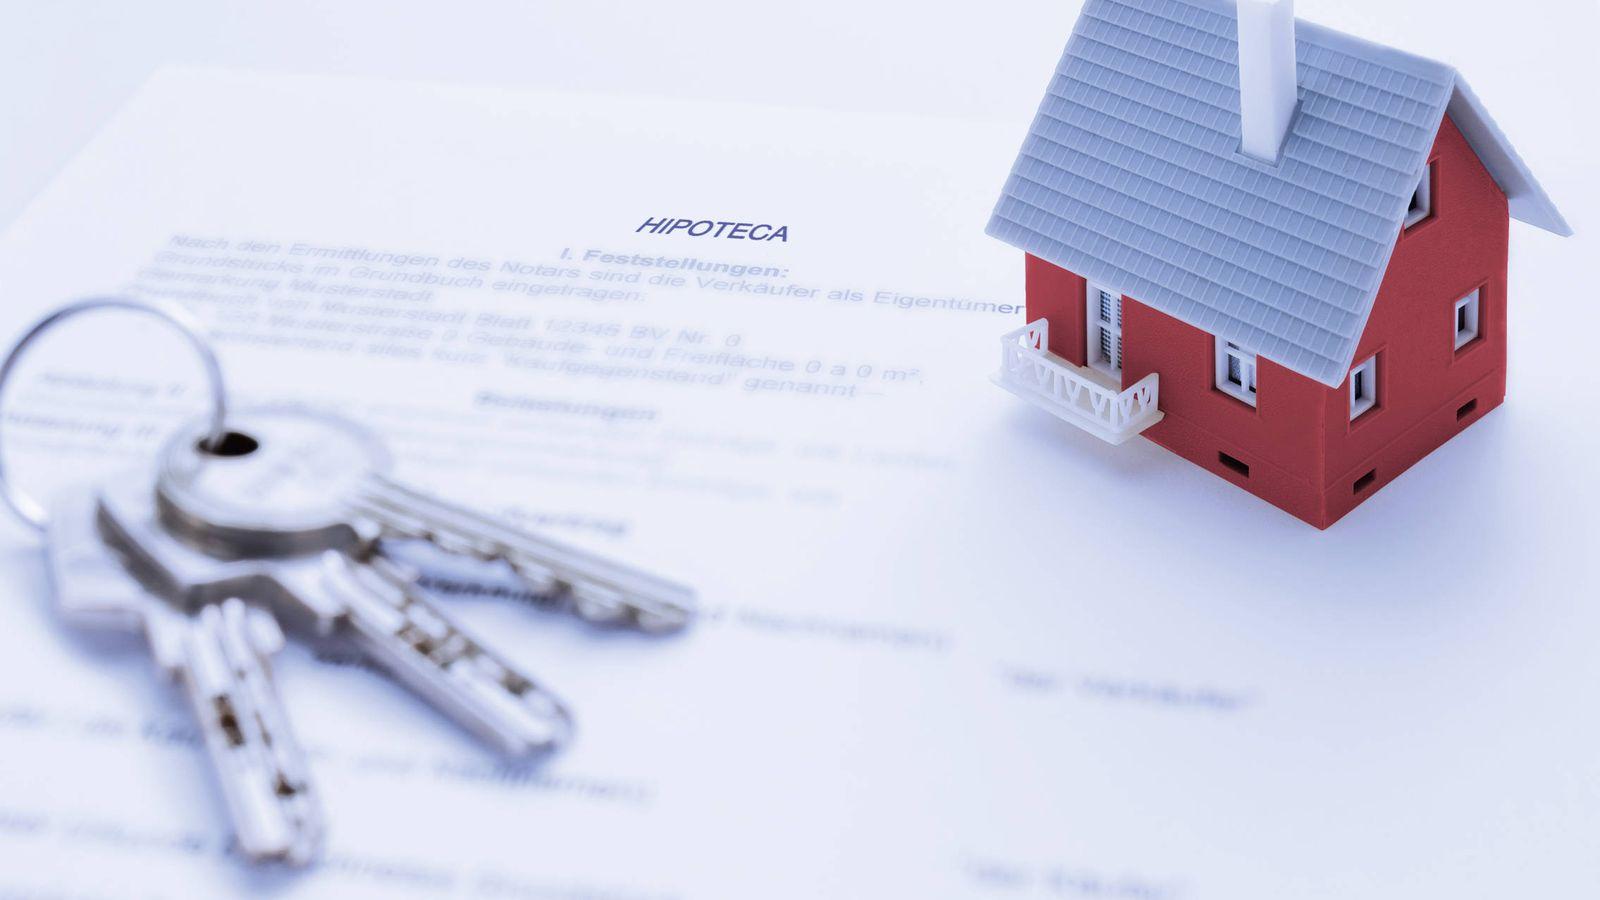 Foto: Saca tu hipoteca del cajón y busca: diez cláusulas abusivas tumbadas por la justicia. Foto: Corbis.